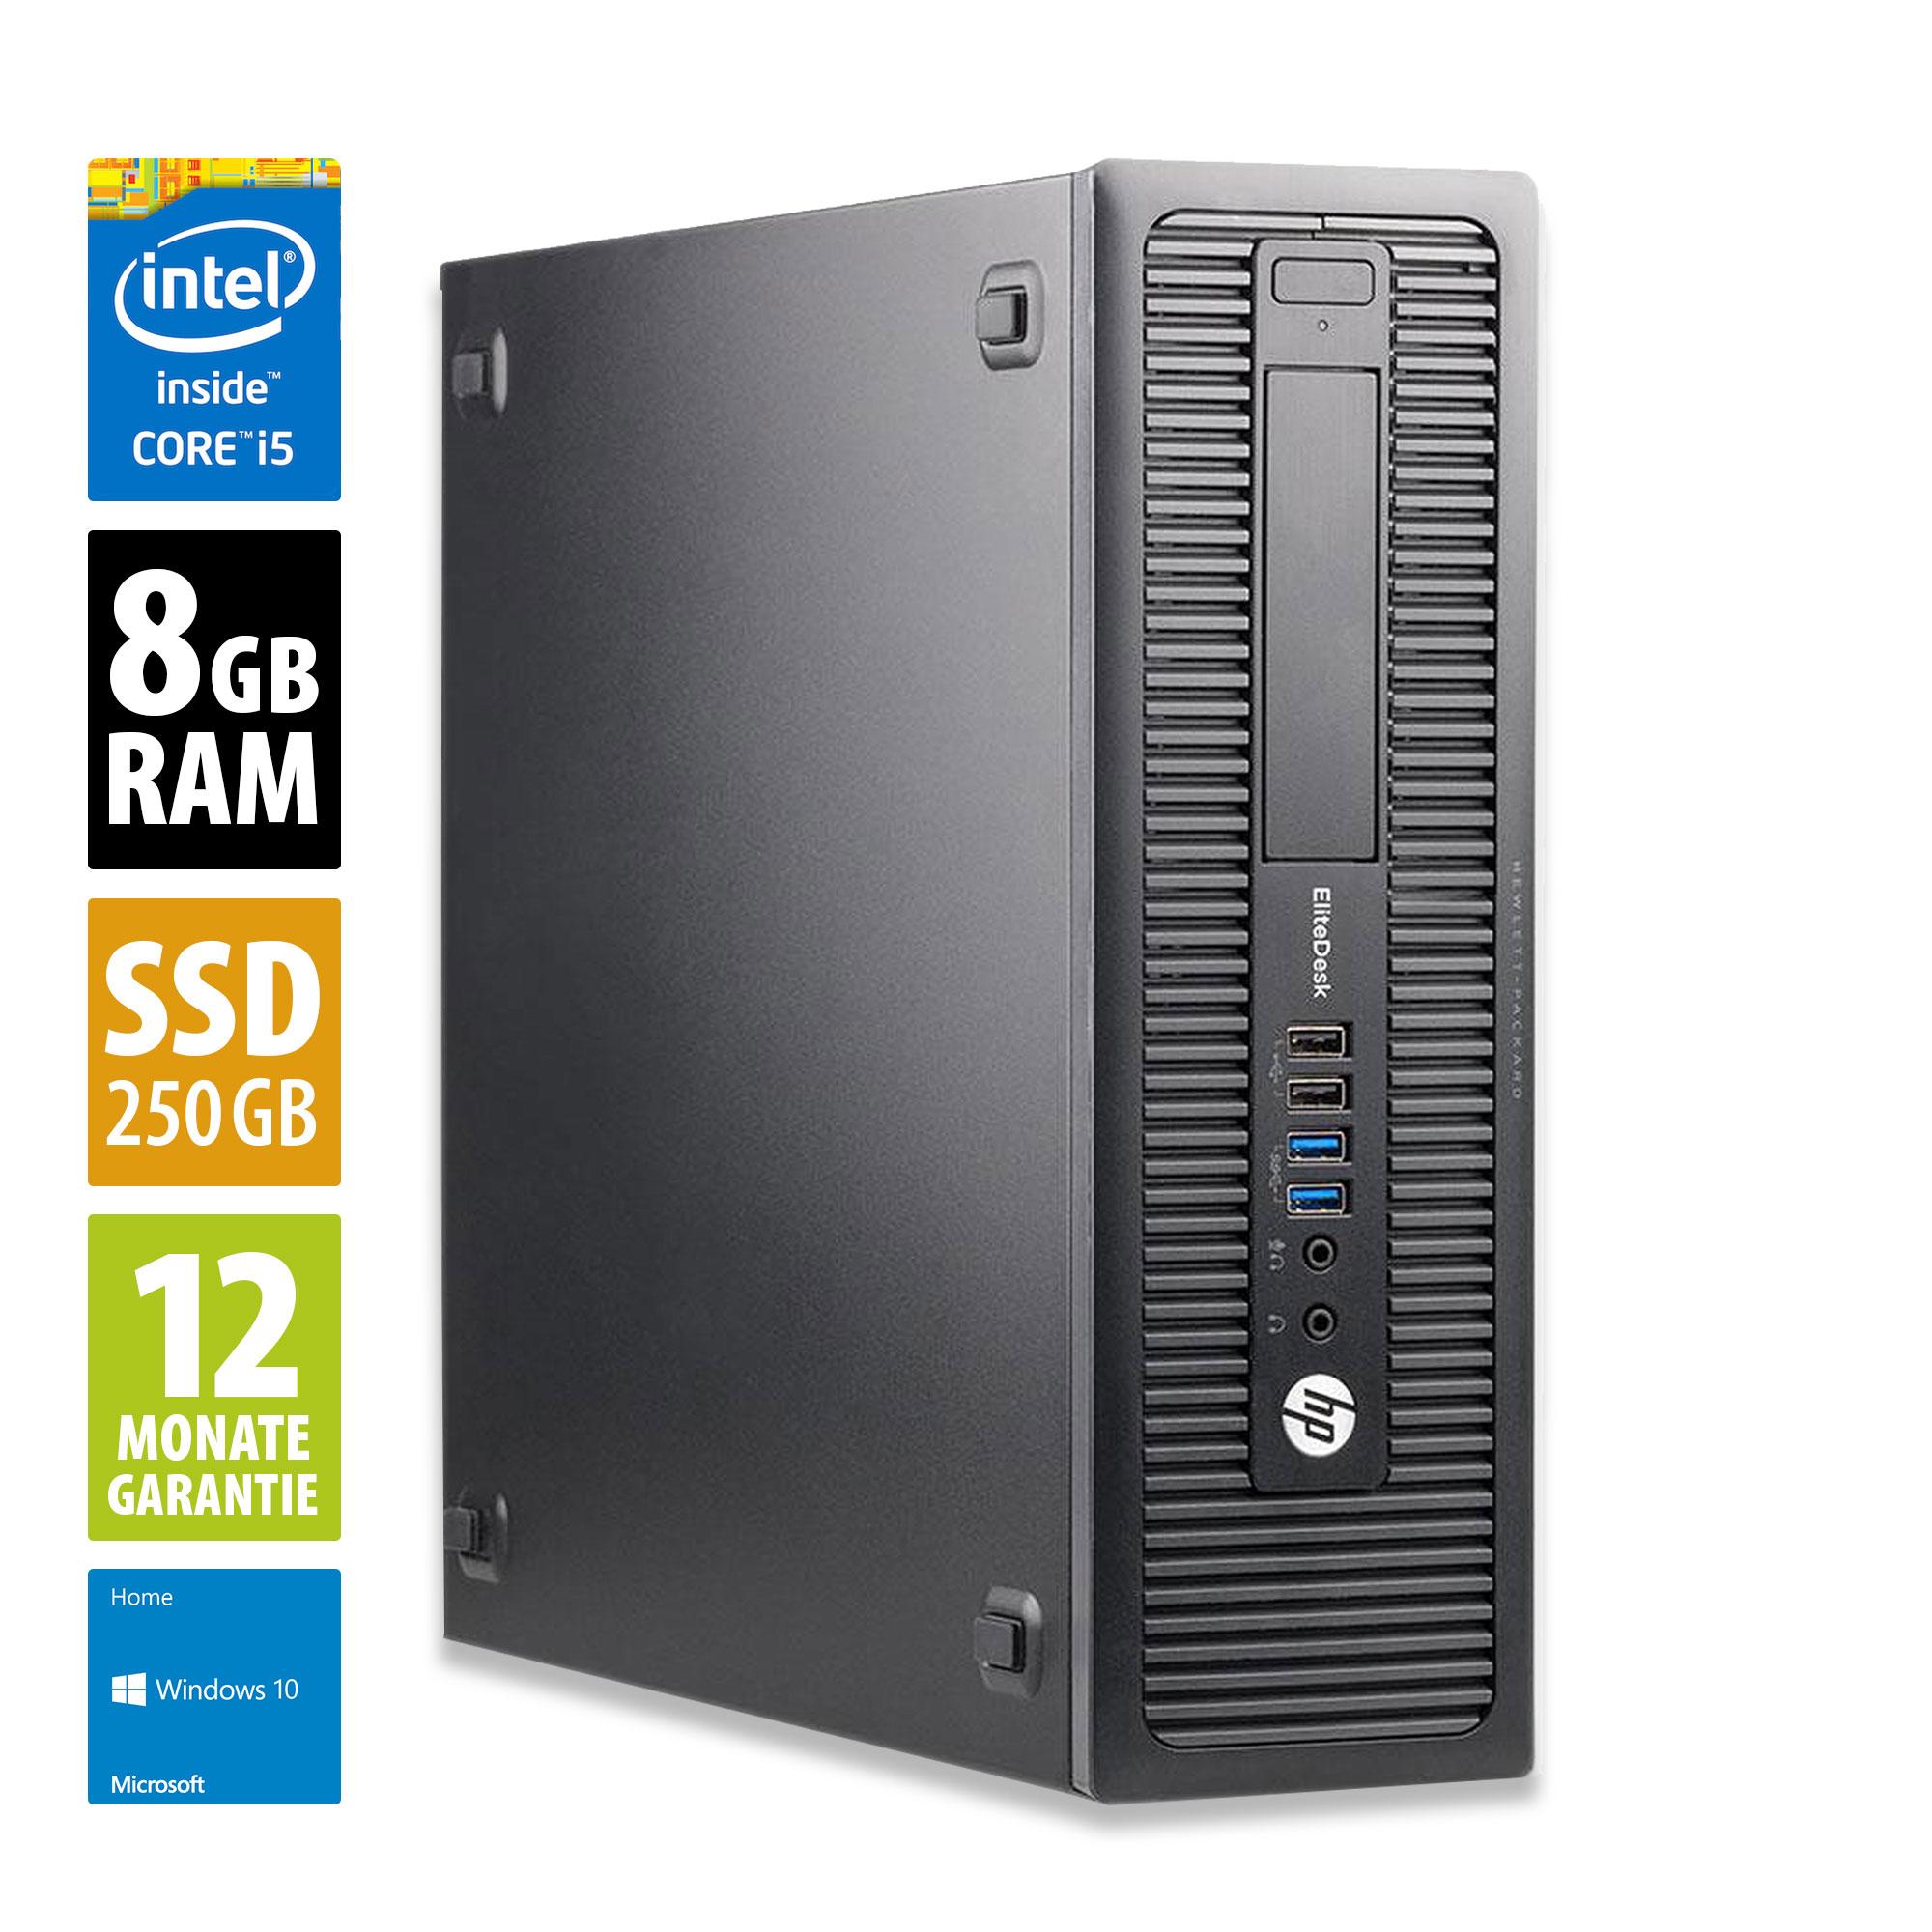 PC HP EliteDesk 800 G1 SFF - Core i5-4570 3,2 GHz, 8 Go de RAM, 250 Go SSD, Win10 (Reconditionné Grade A)